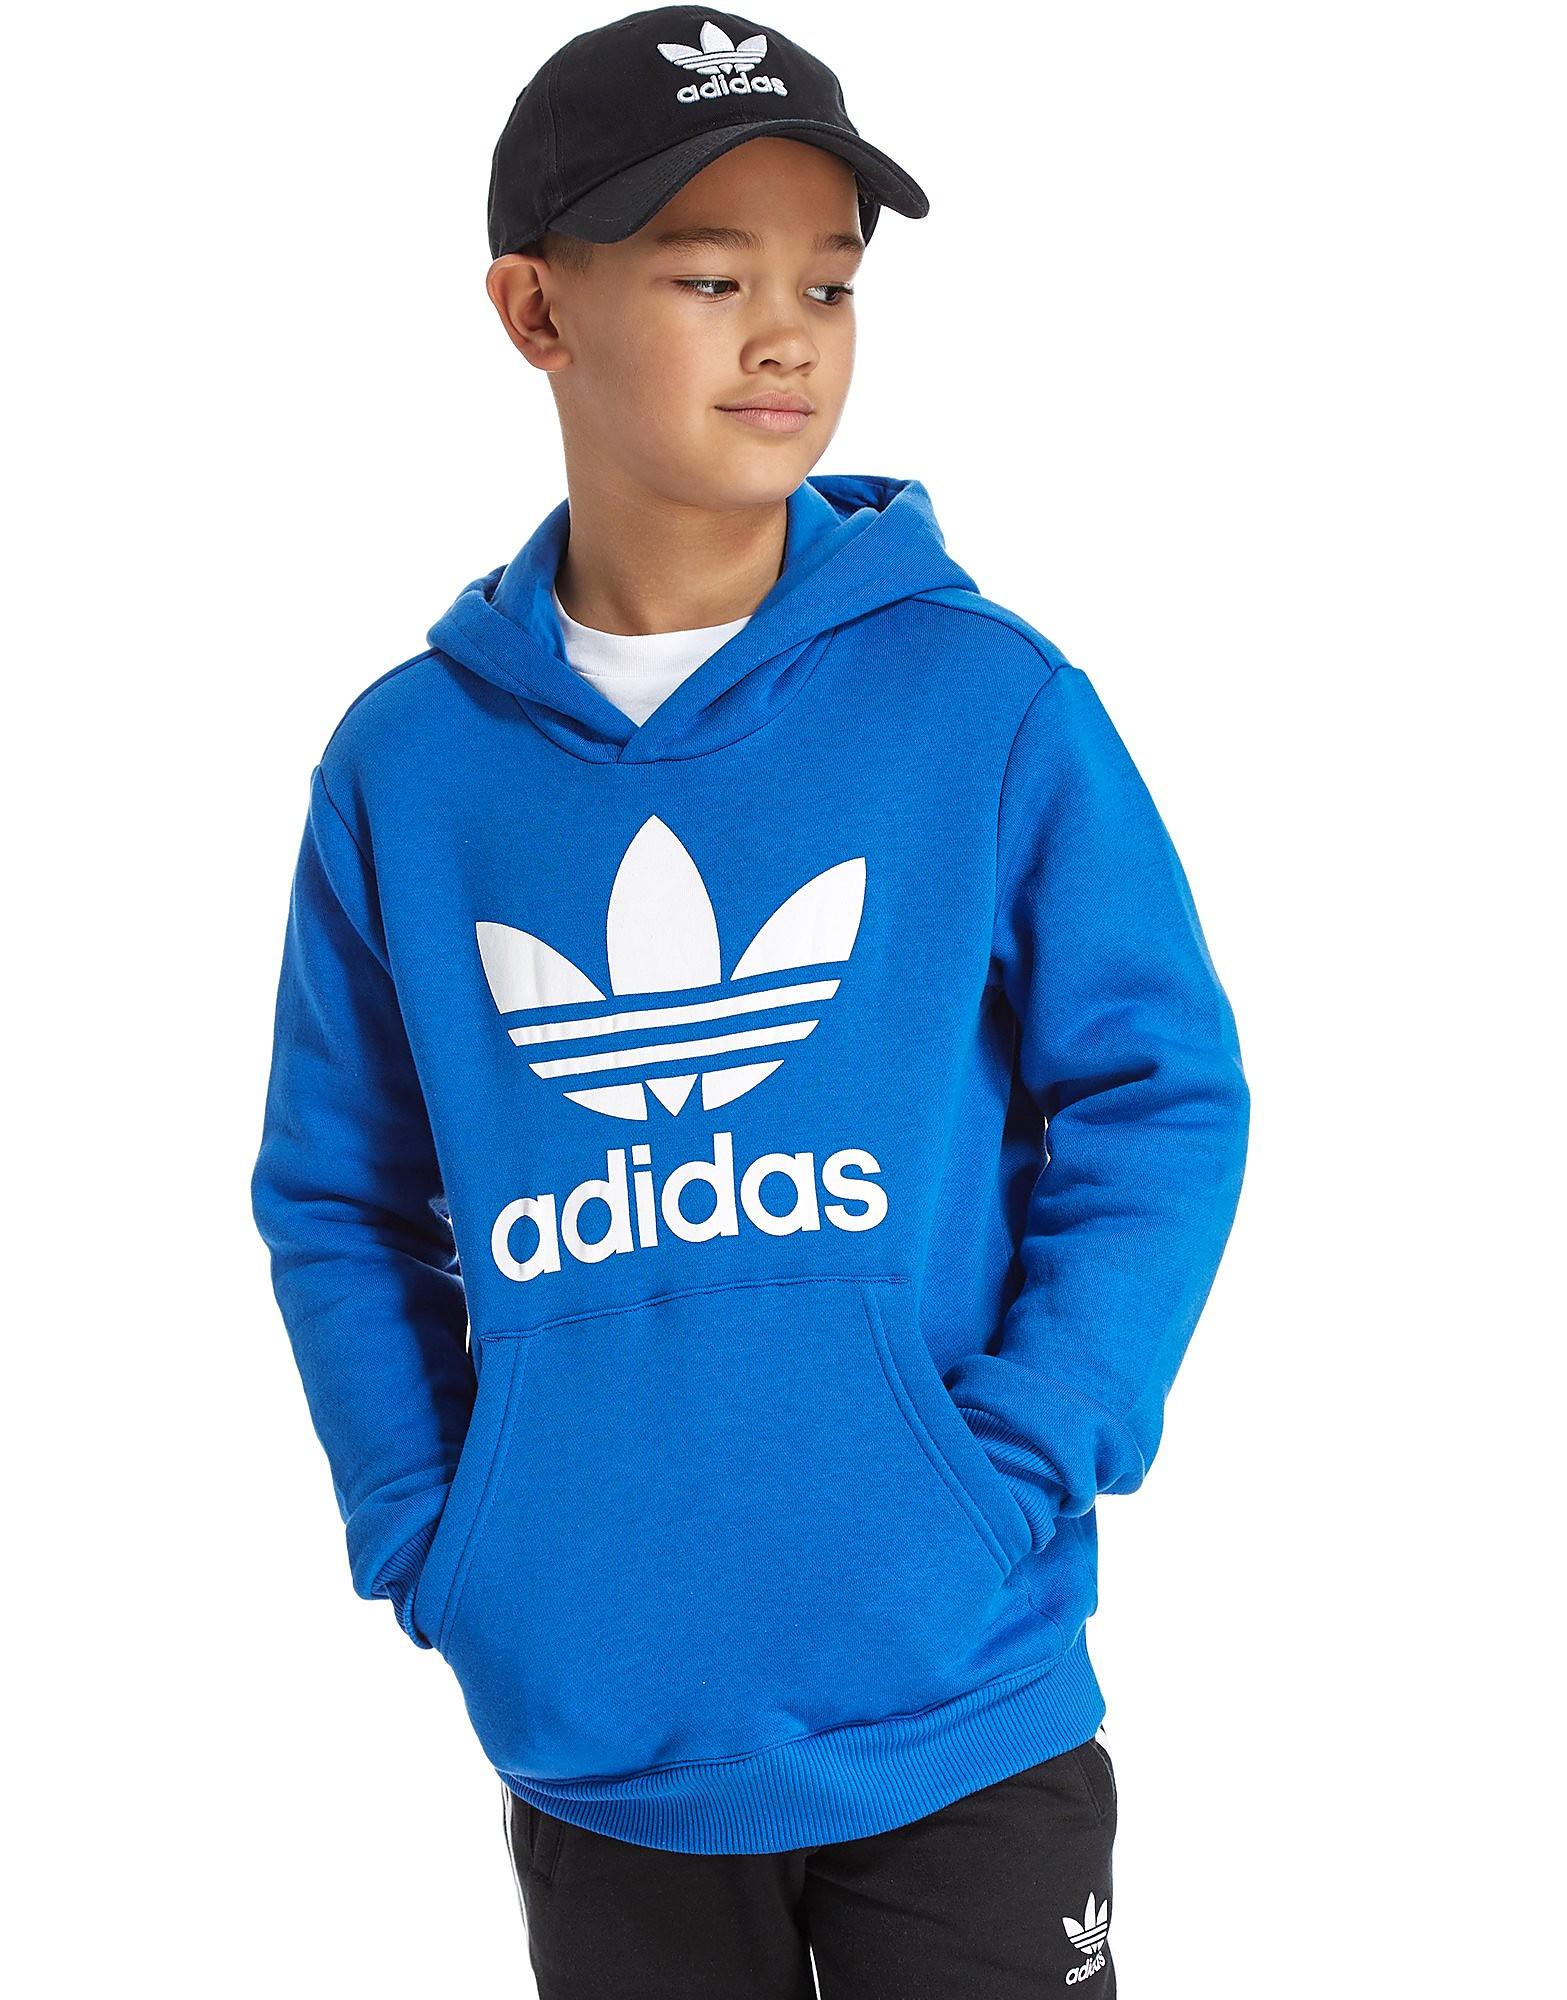 adidas Originals Trefoil Felpa Junior